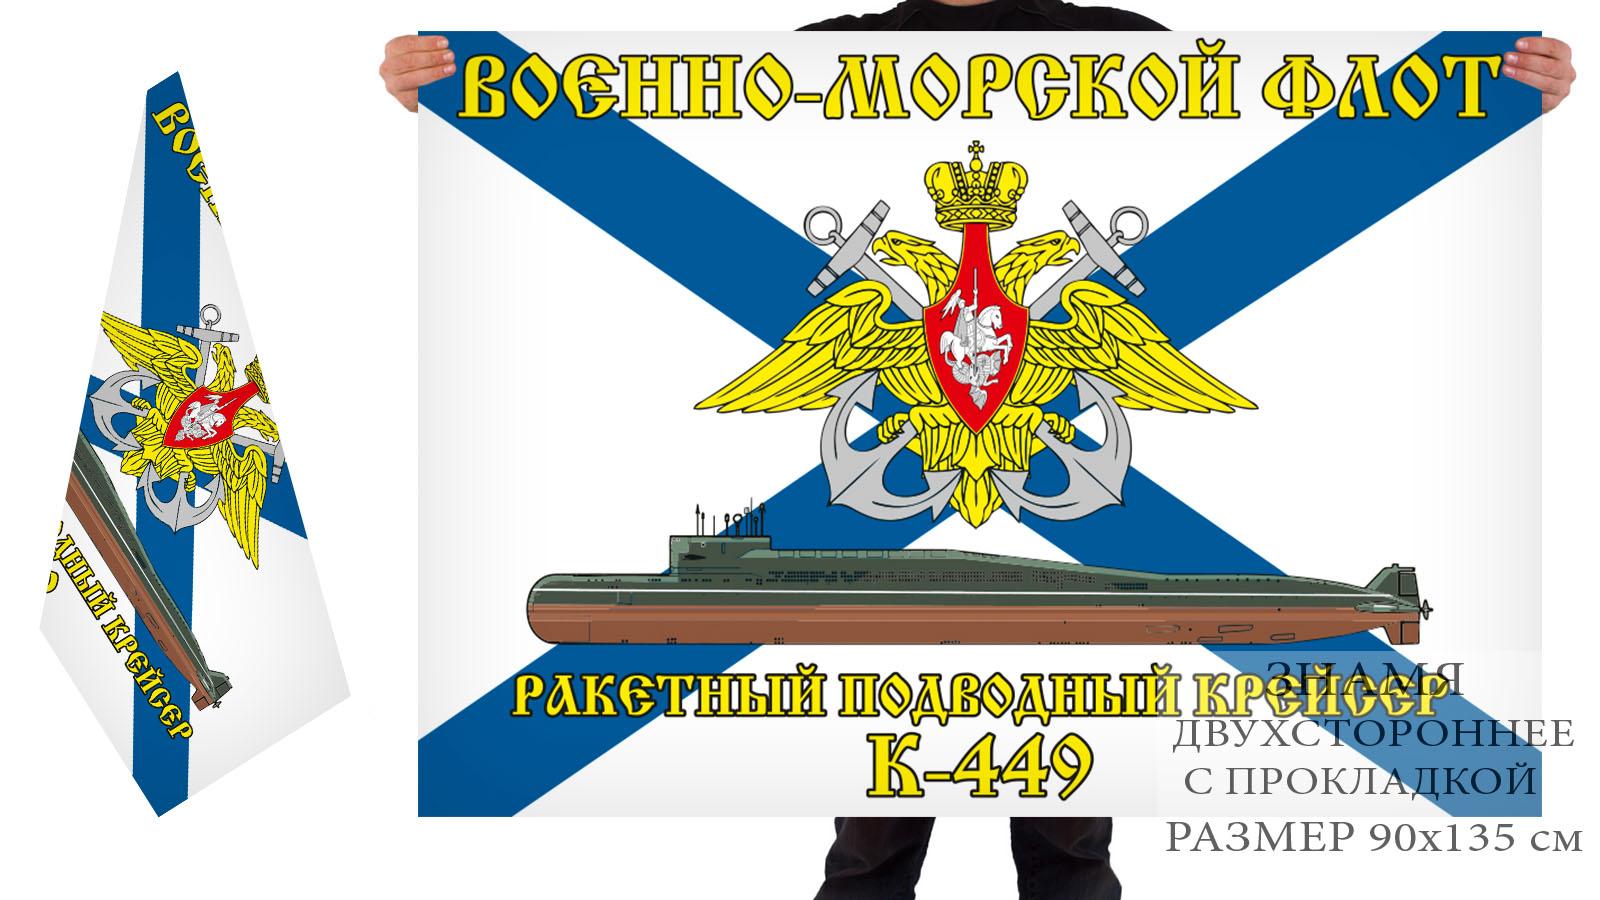 Двусторонний флаг РПКСН К-449